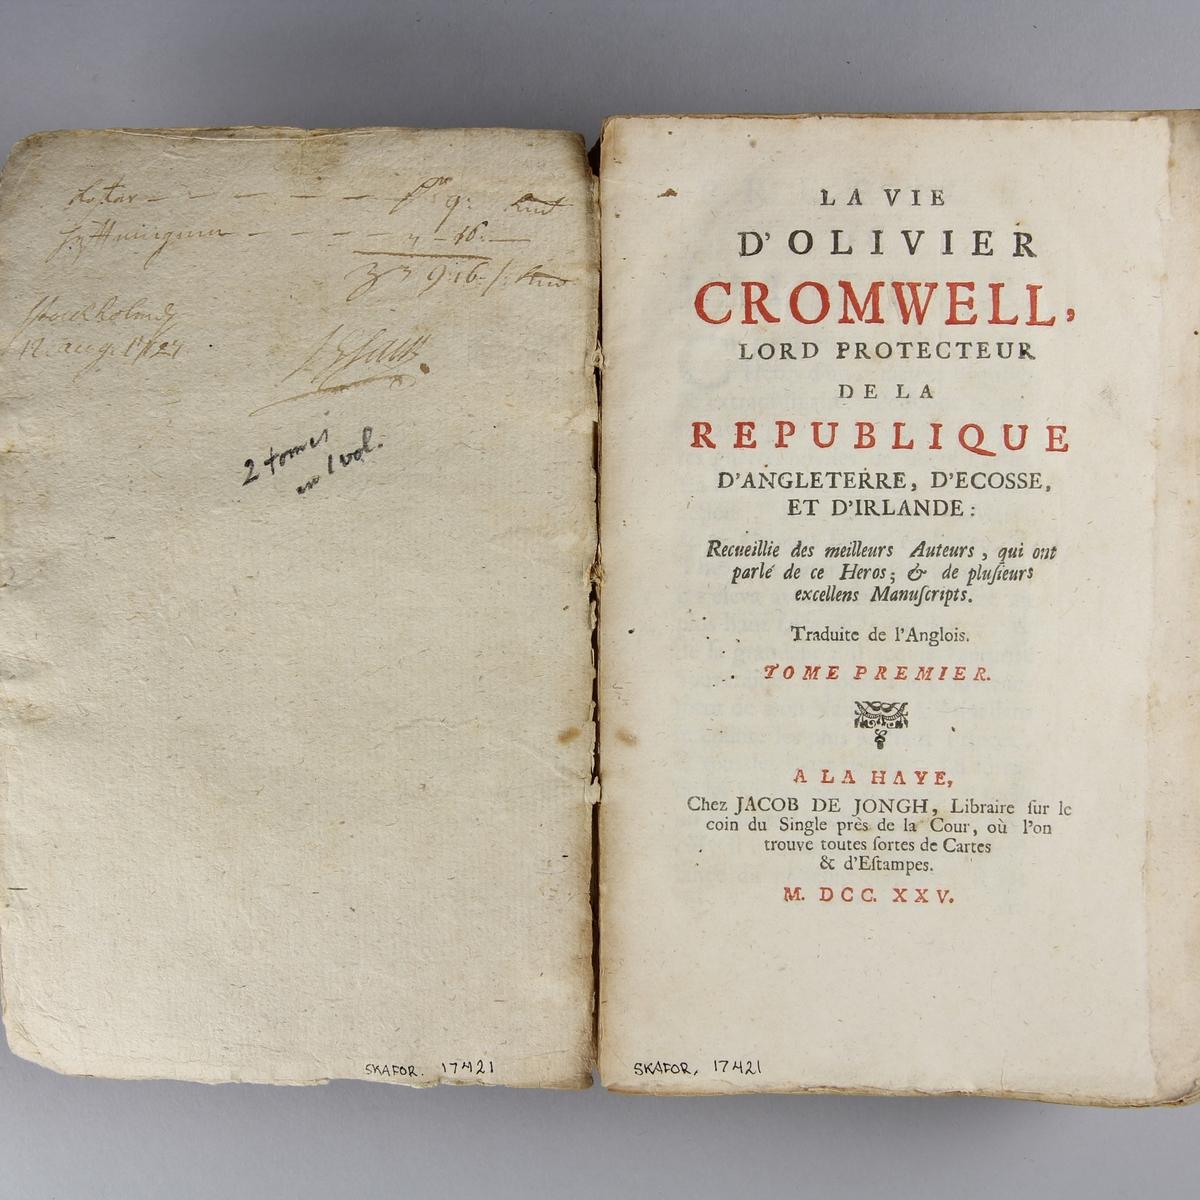 """Bok, häftad, """"La vie de Oliver Cromwell"""", del 1 och 2 i samma volym. Pärm av  marmorerat papper, oskuret snitt. Anteckning om inköp."""